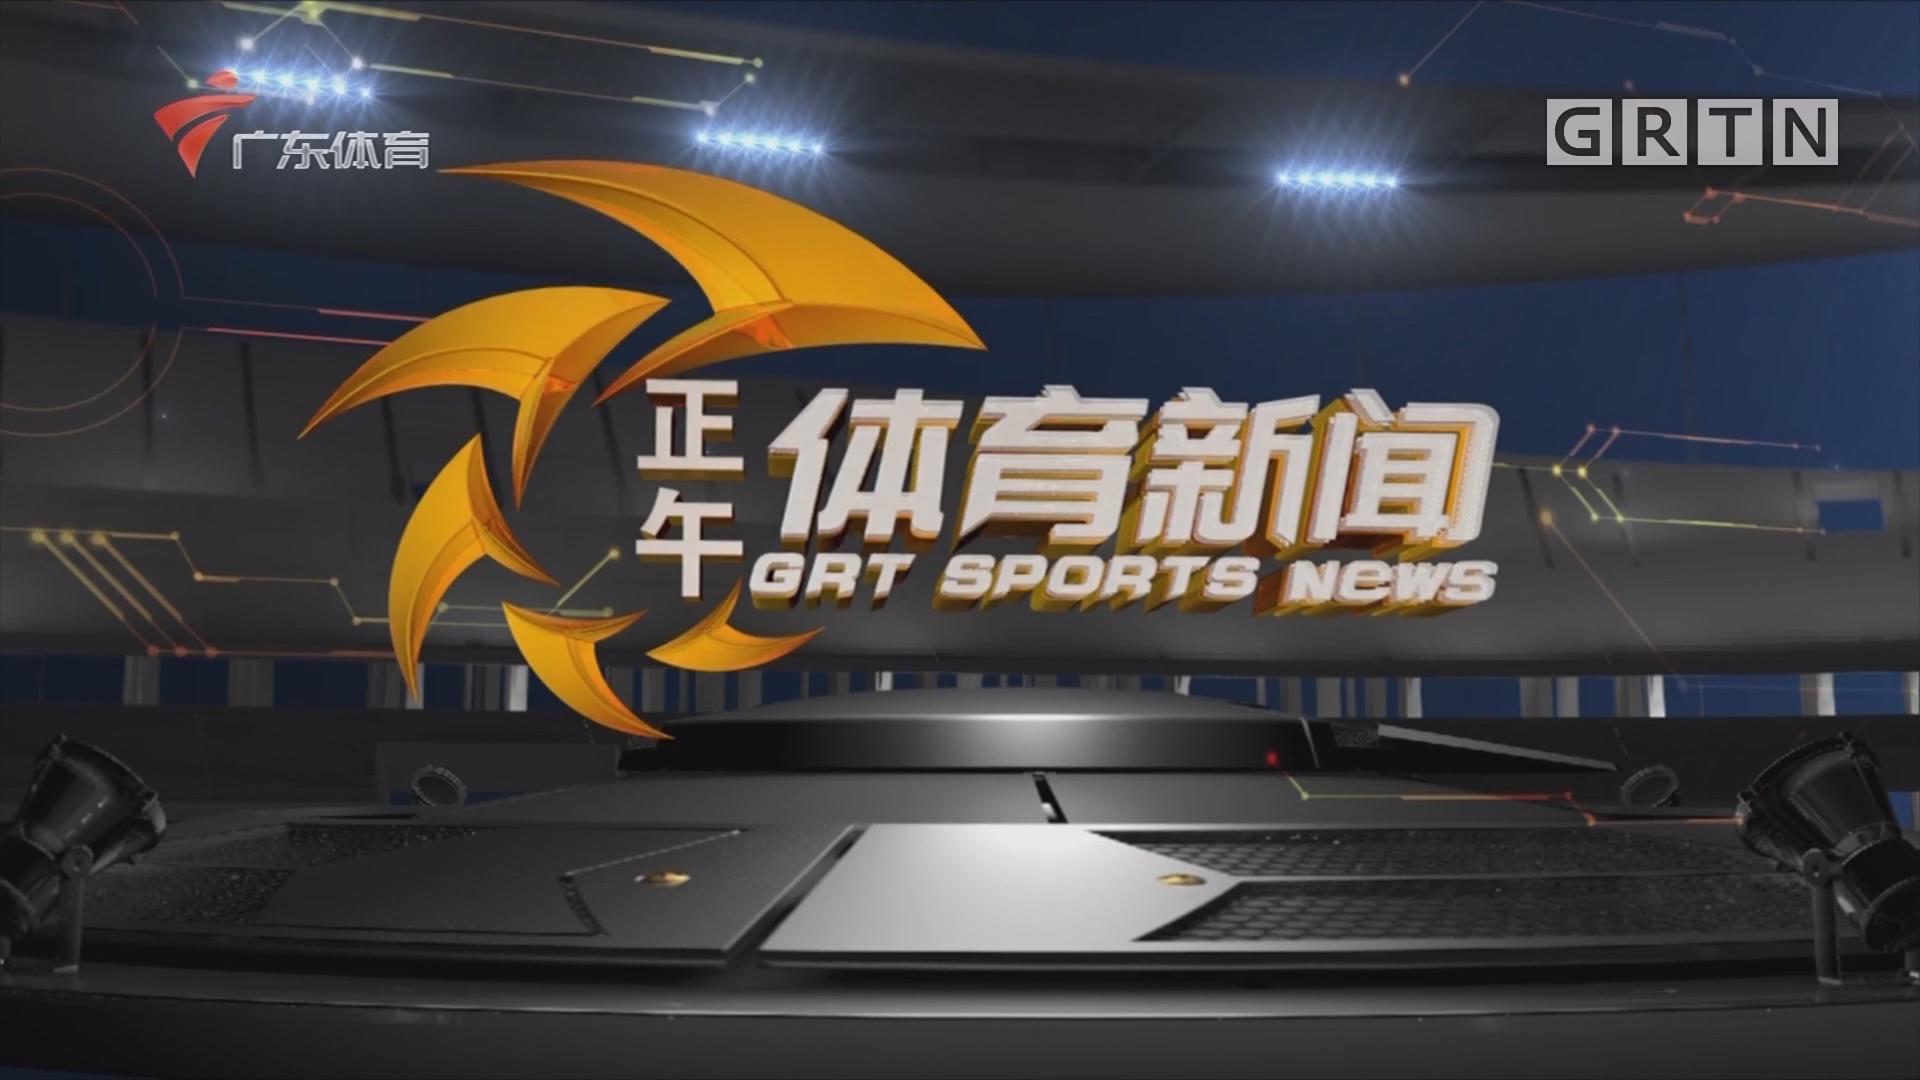 [HD][2020-05-17]正午体育新闻:德甲终回归 多特蒙德4球大胜沙尔克04